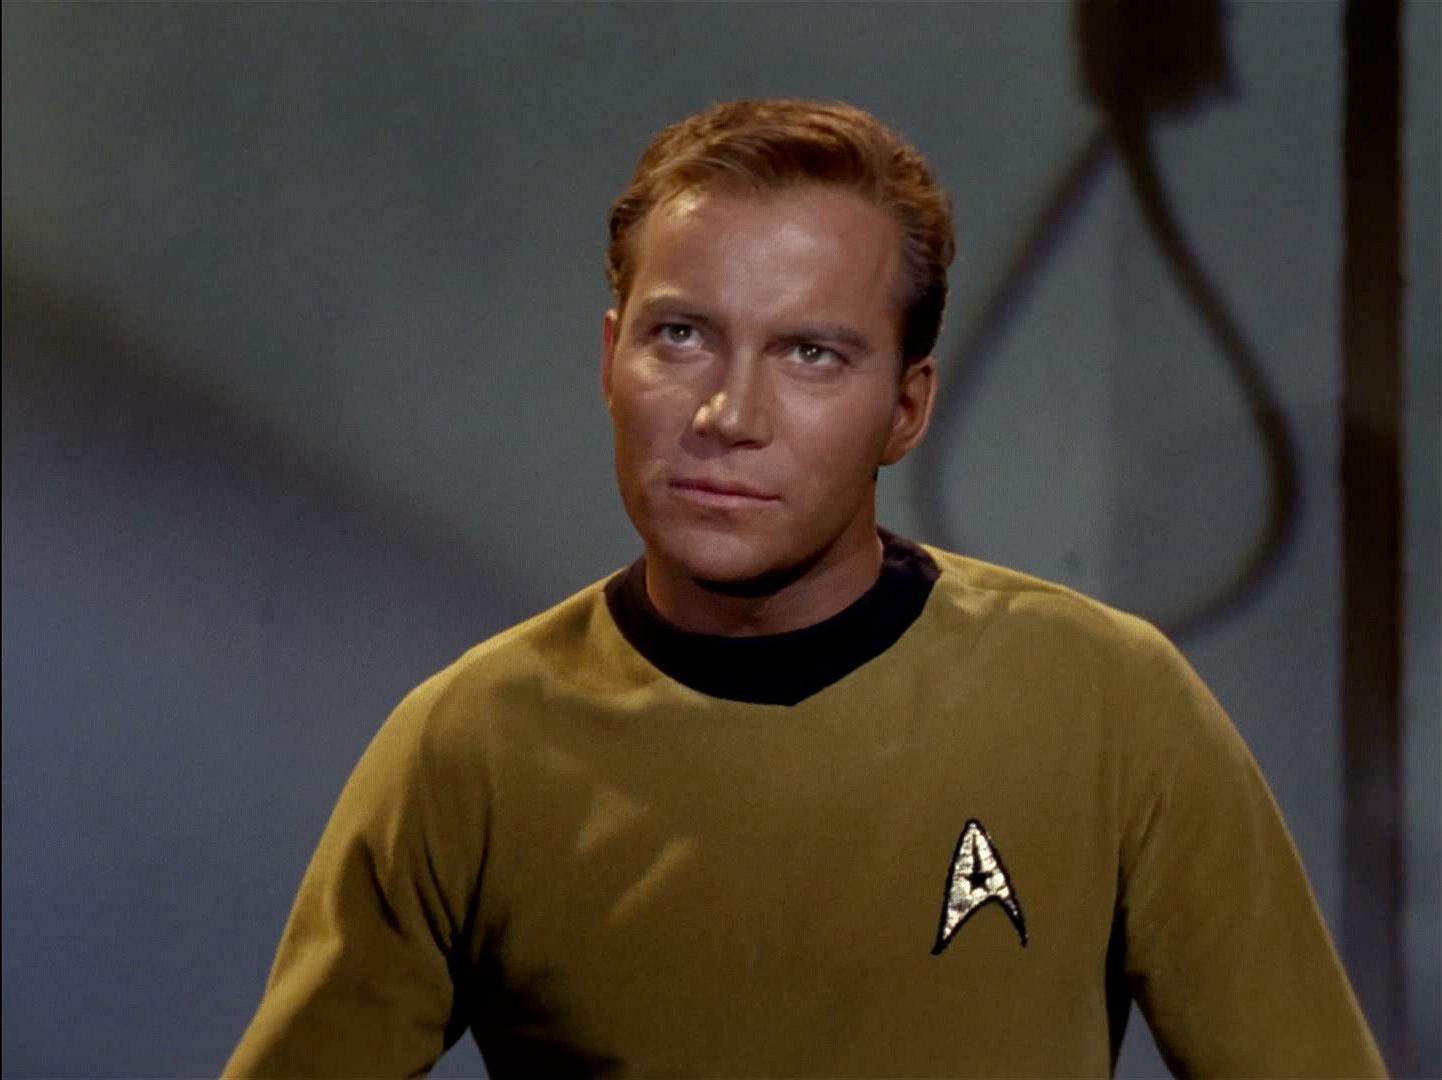 20. Captain James Kirk - Star Trek